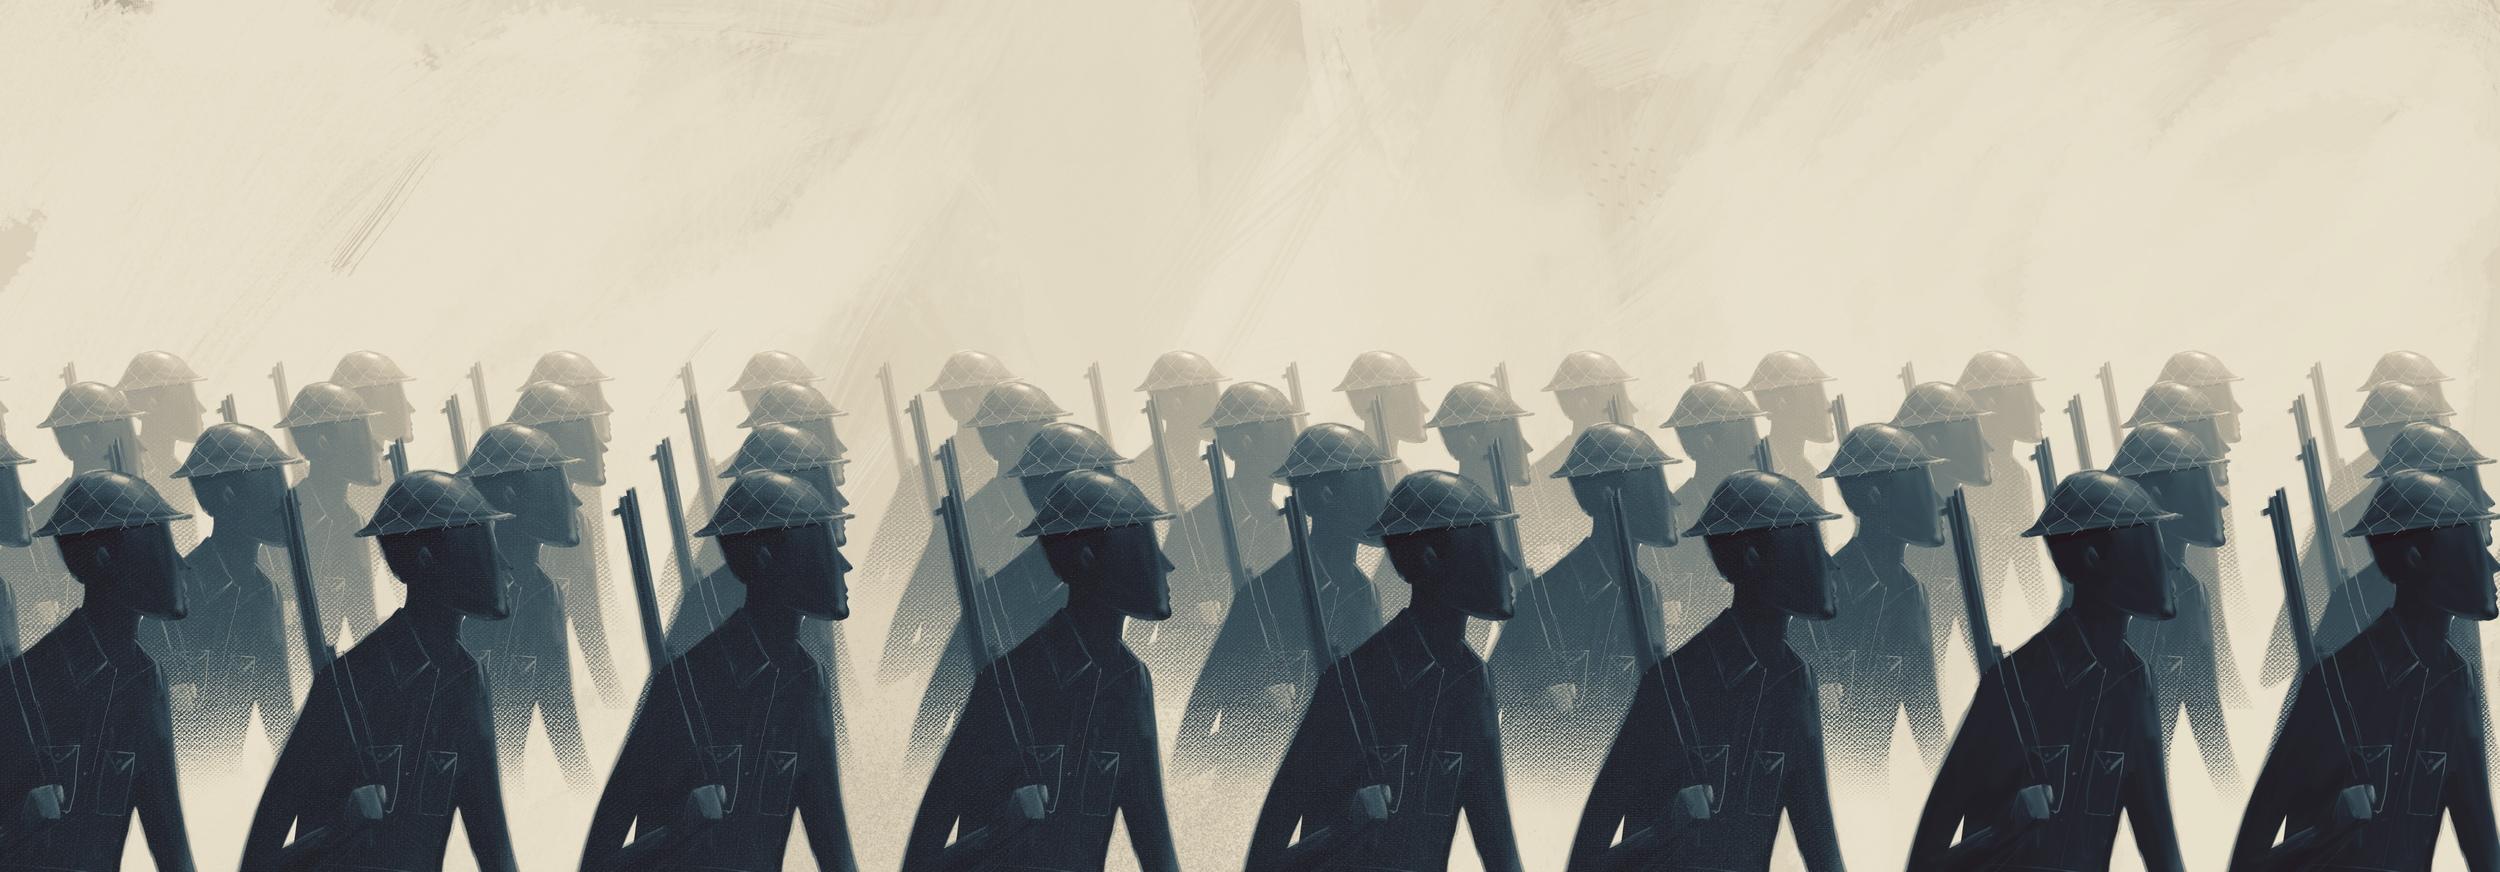 05_Soldier+March.jpg